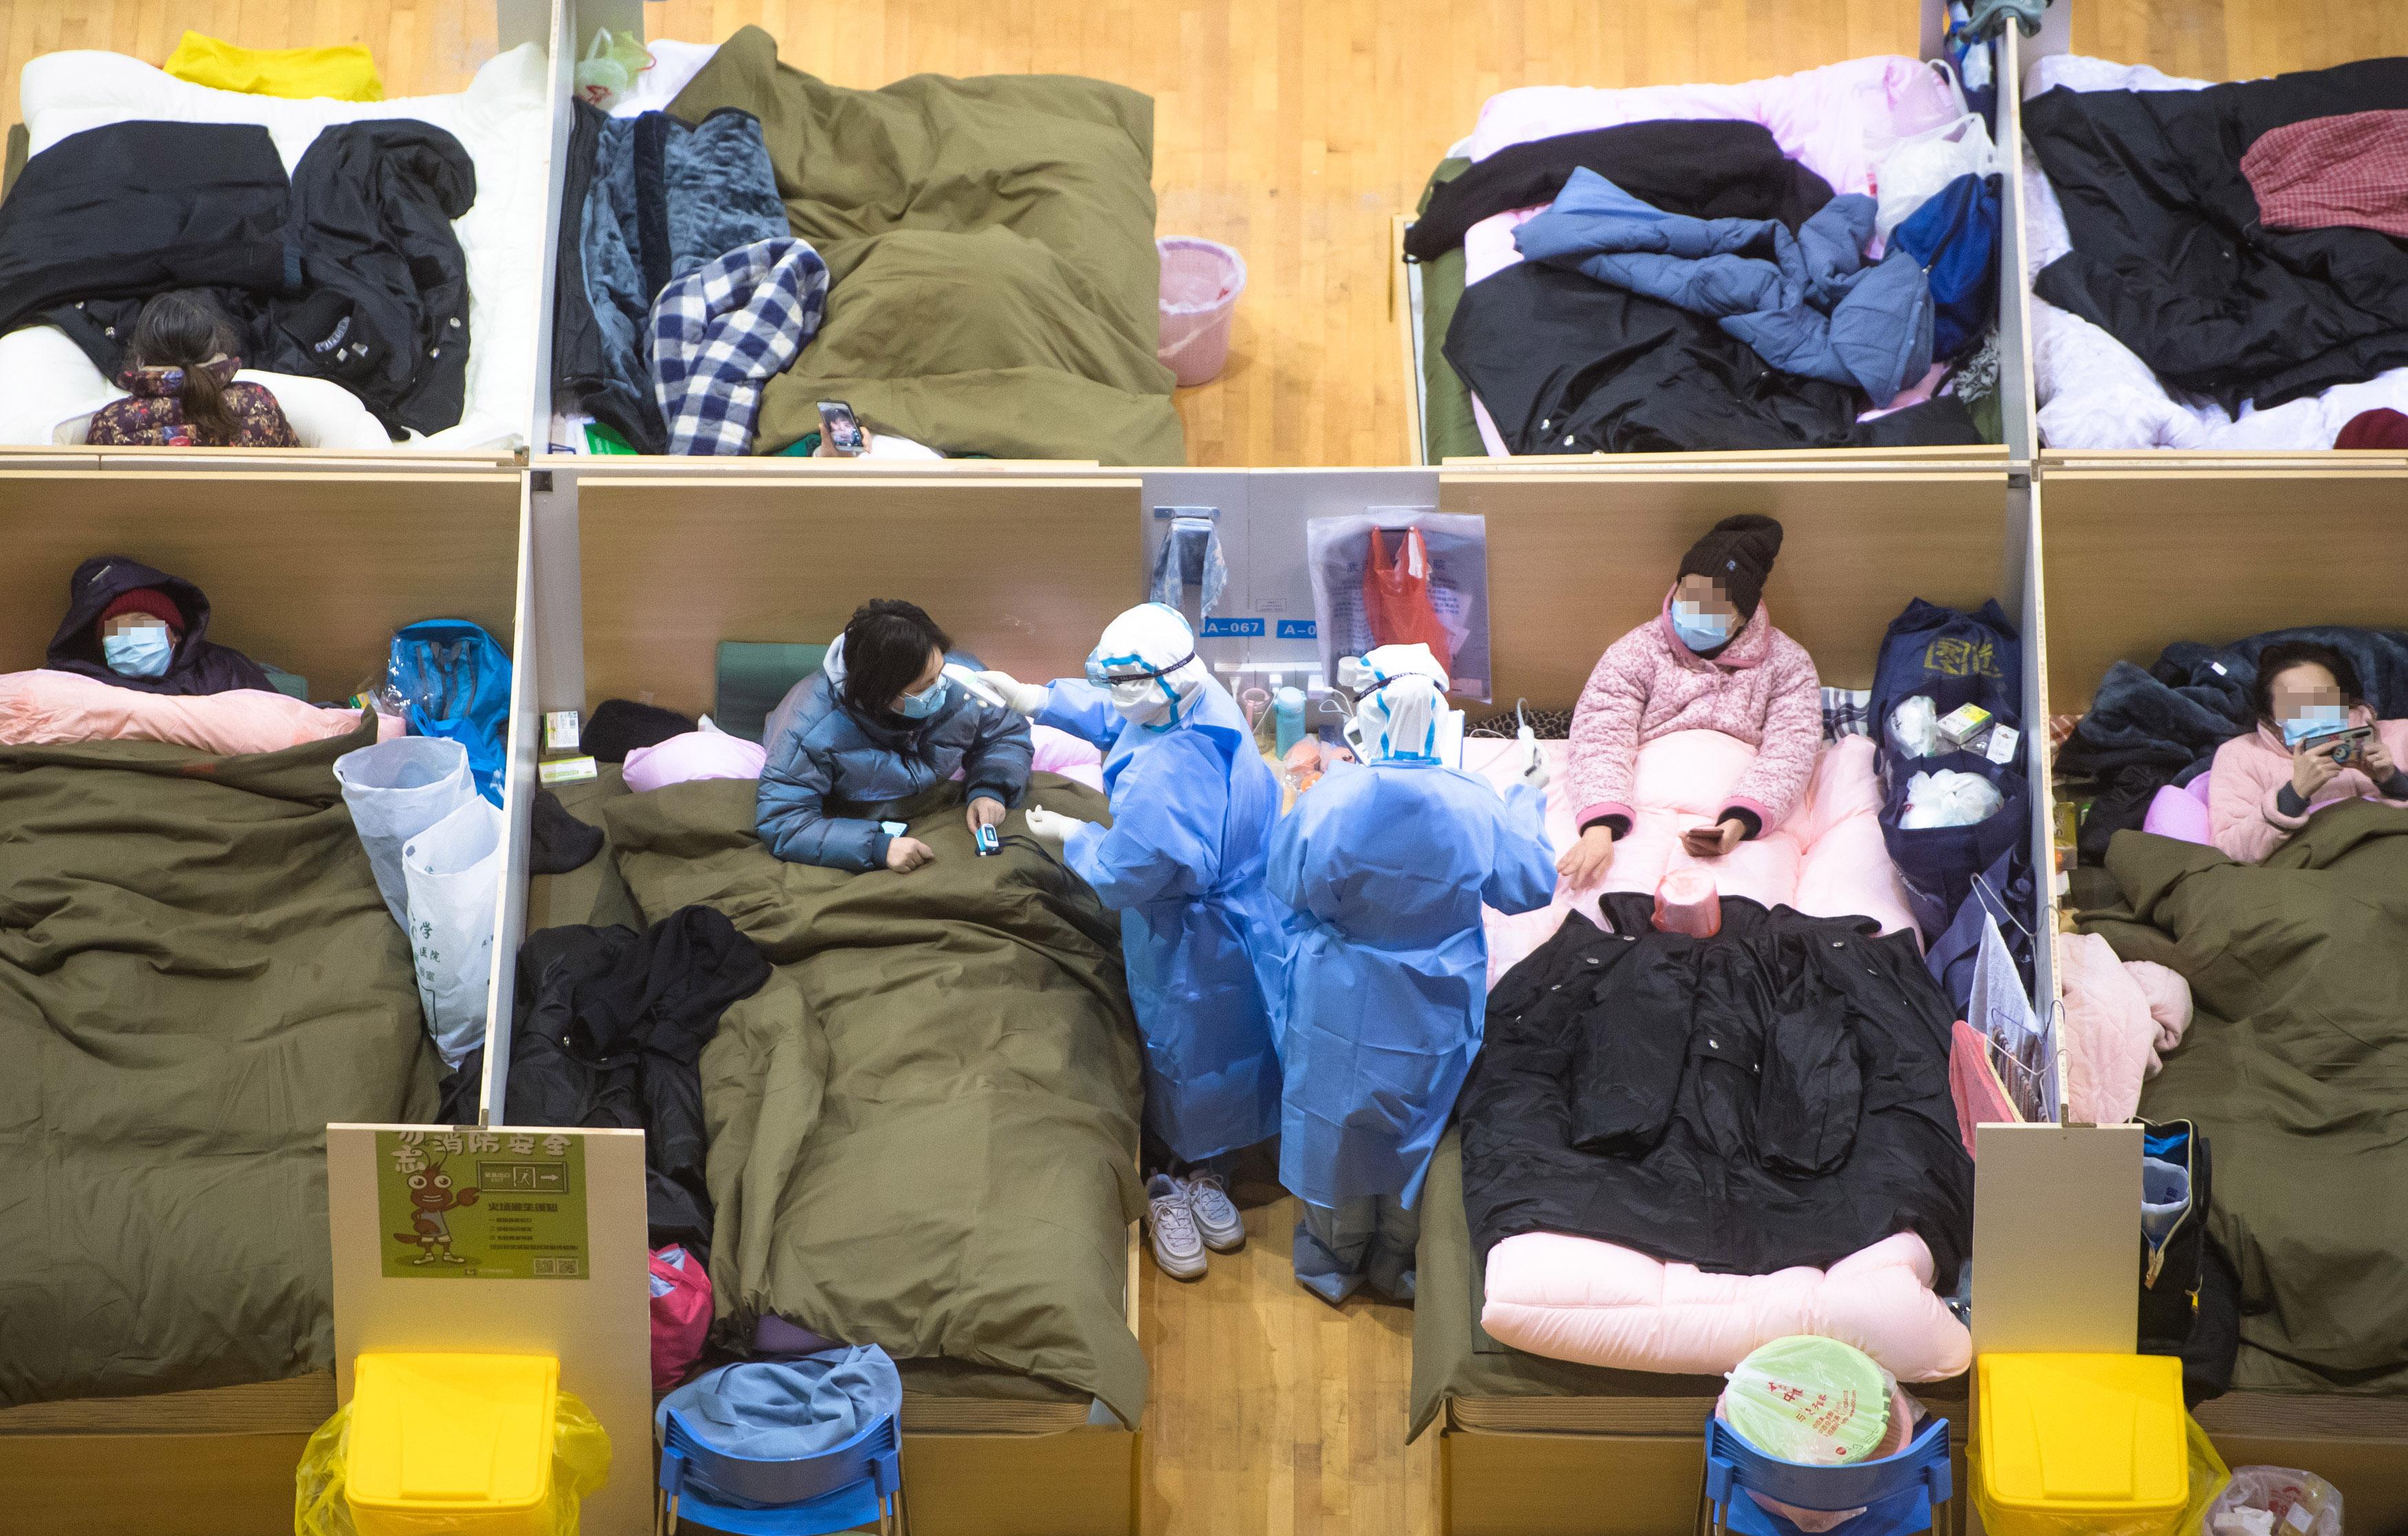 体育センターを改造した臨時病院の夜 中国・武漢市